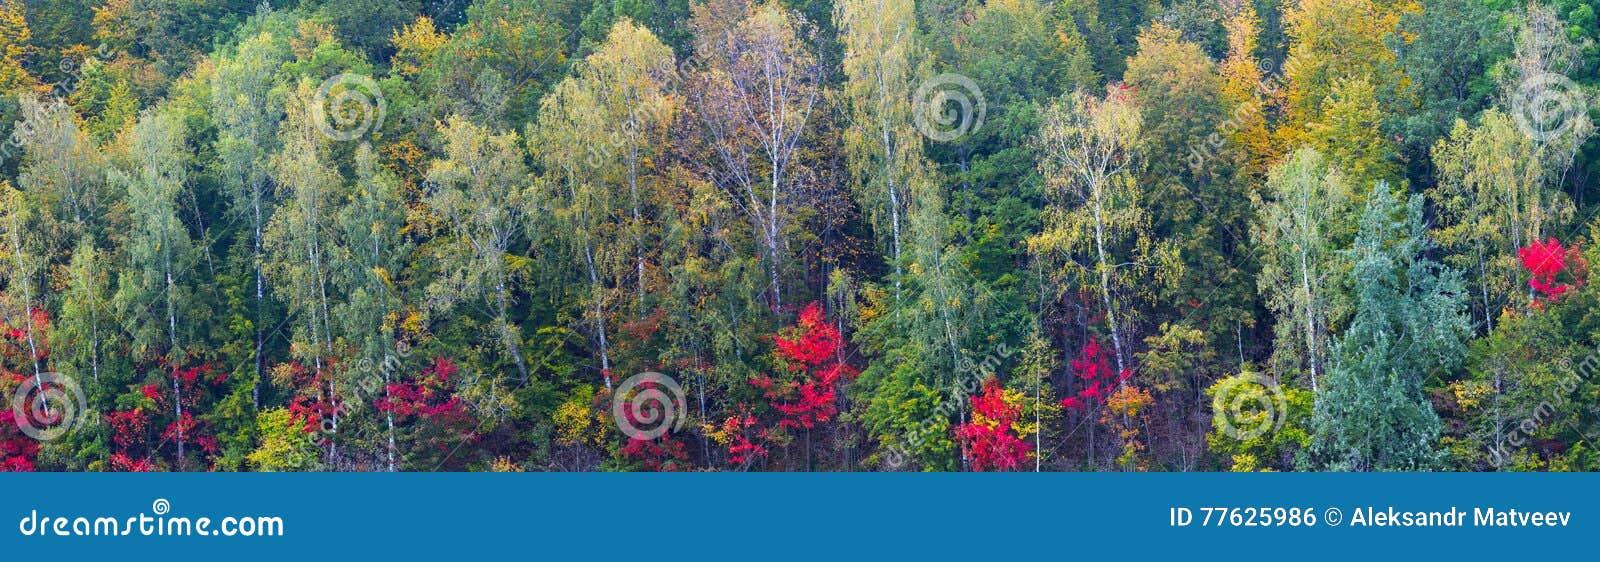 Fond coloré de panorama de feuillage de forêt d automne long grand